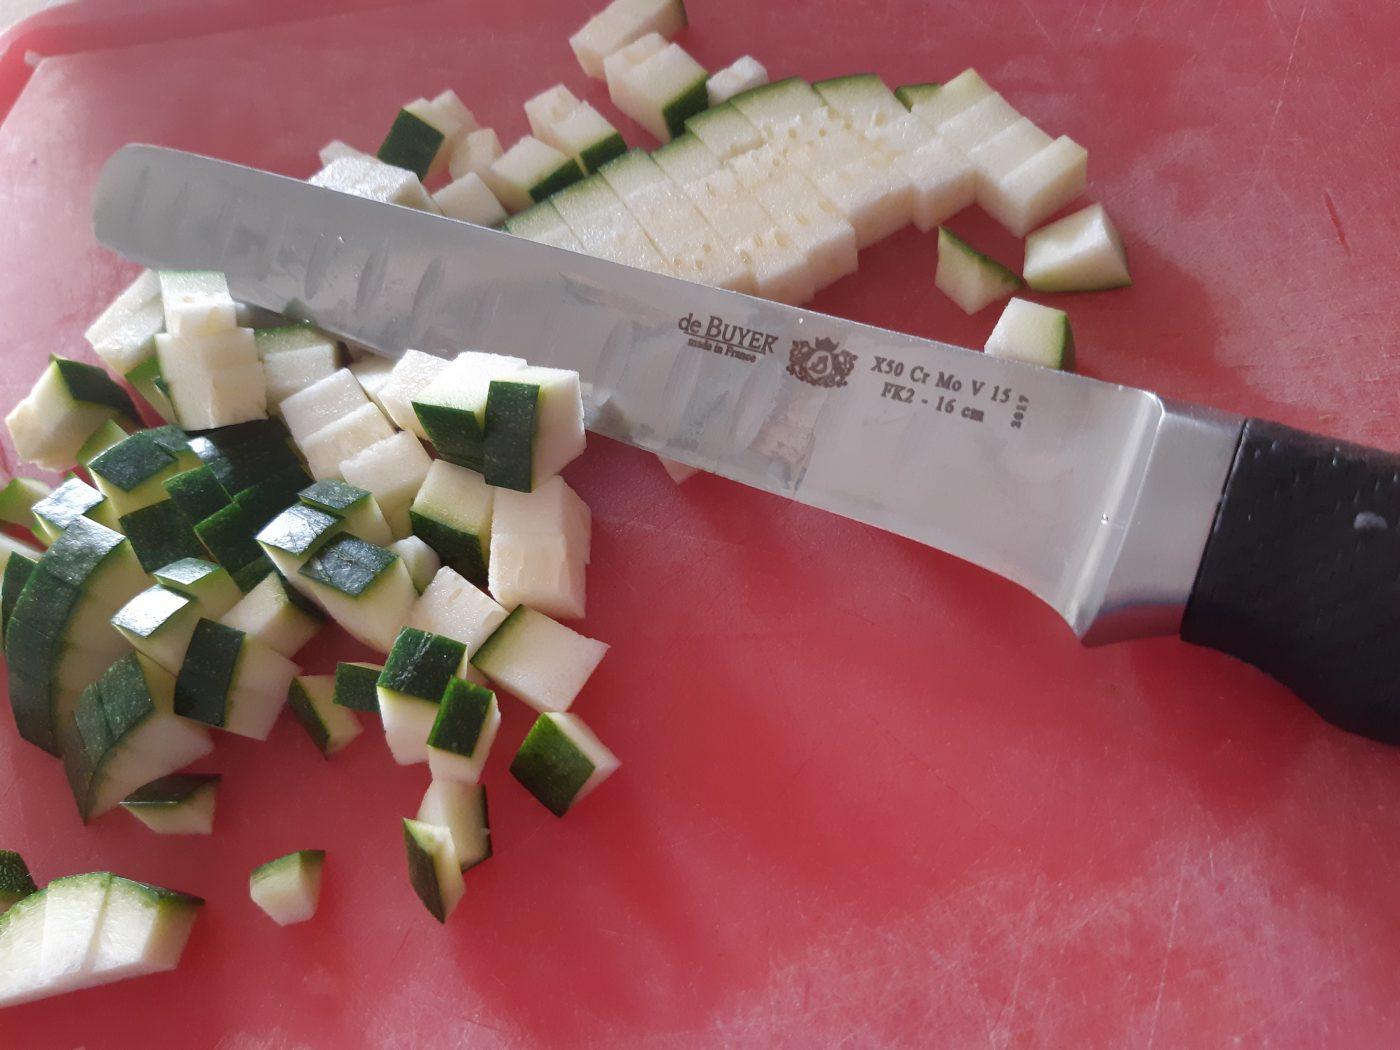 J'ai testé pour vous couteau Tranchelard - De Buyer